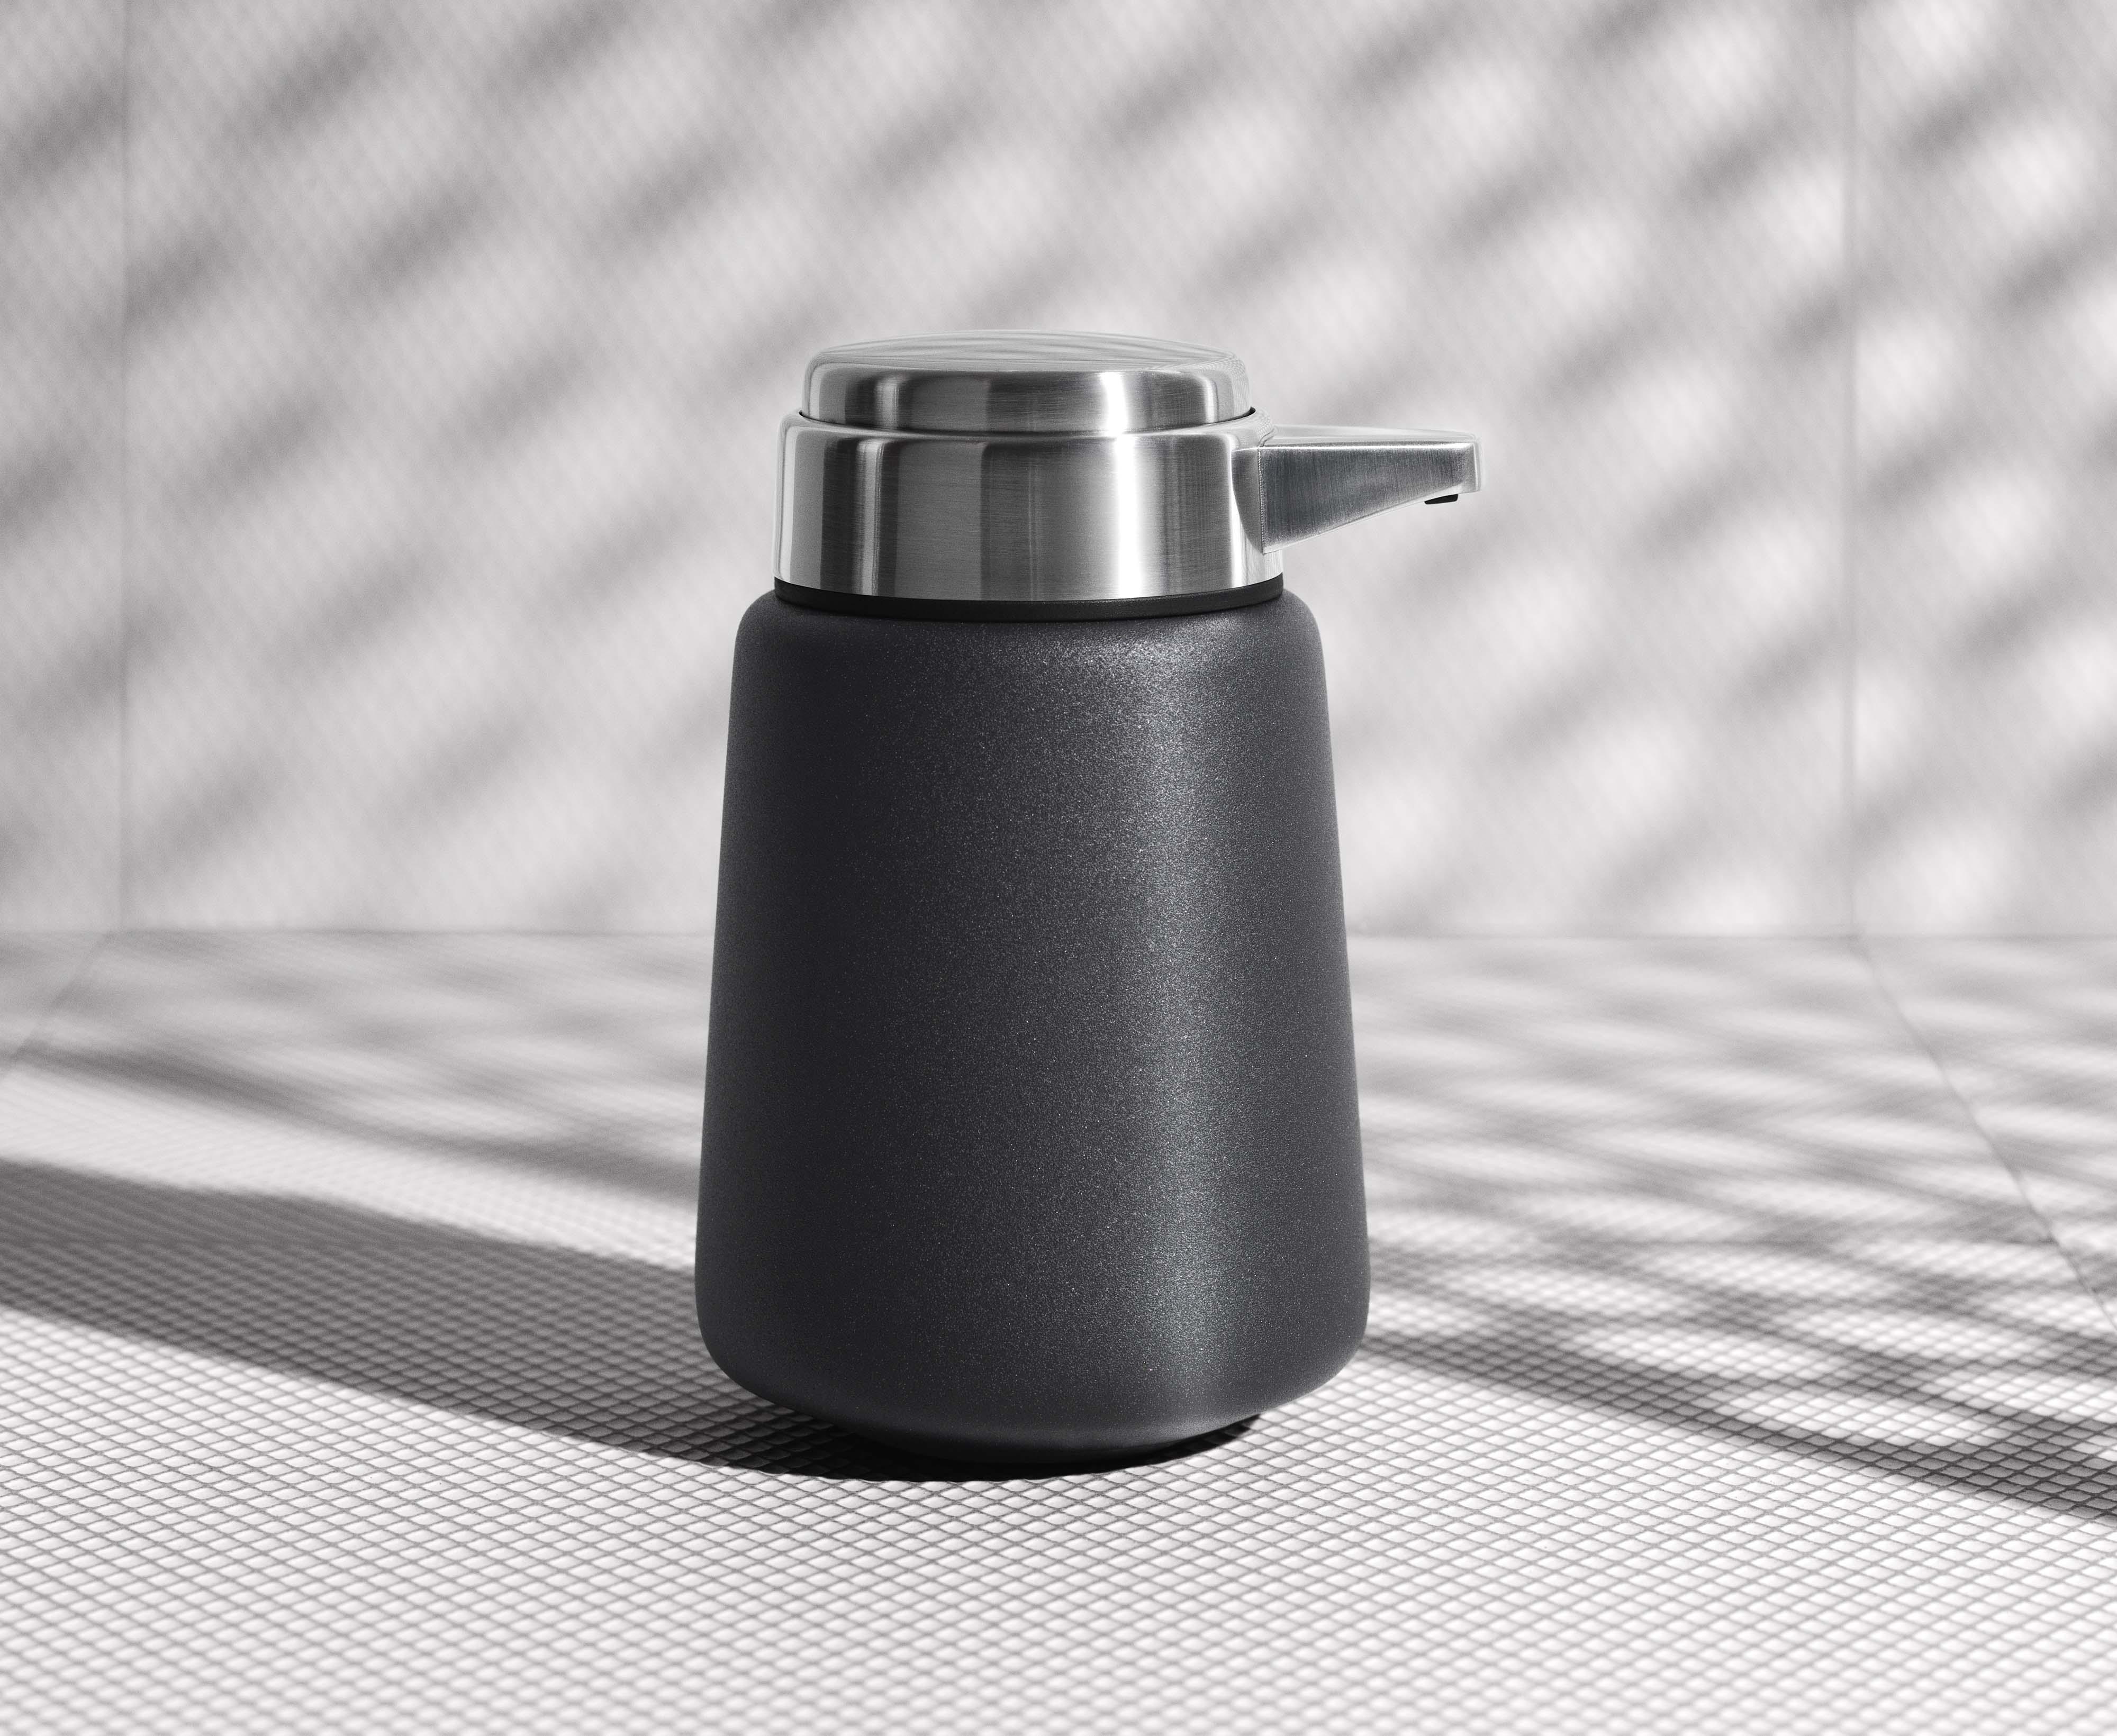 vipp-soap-dispenser-journal